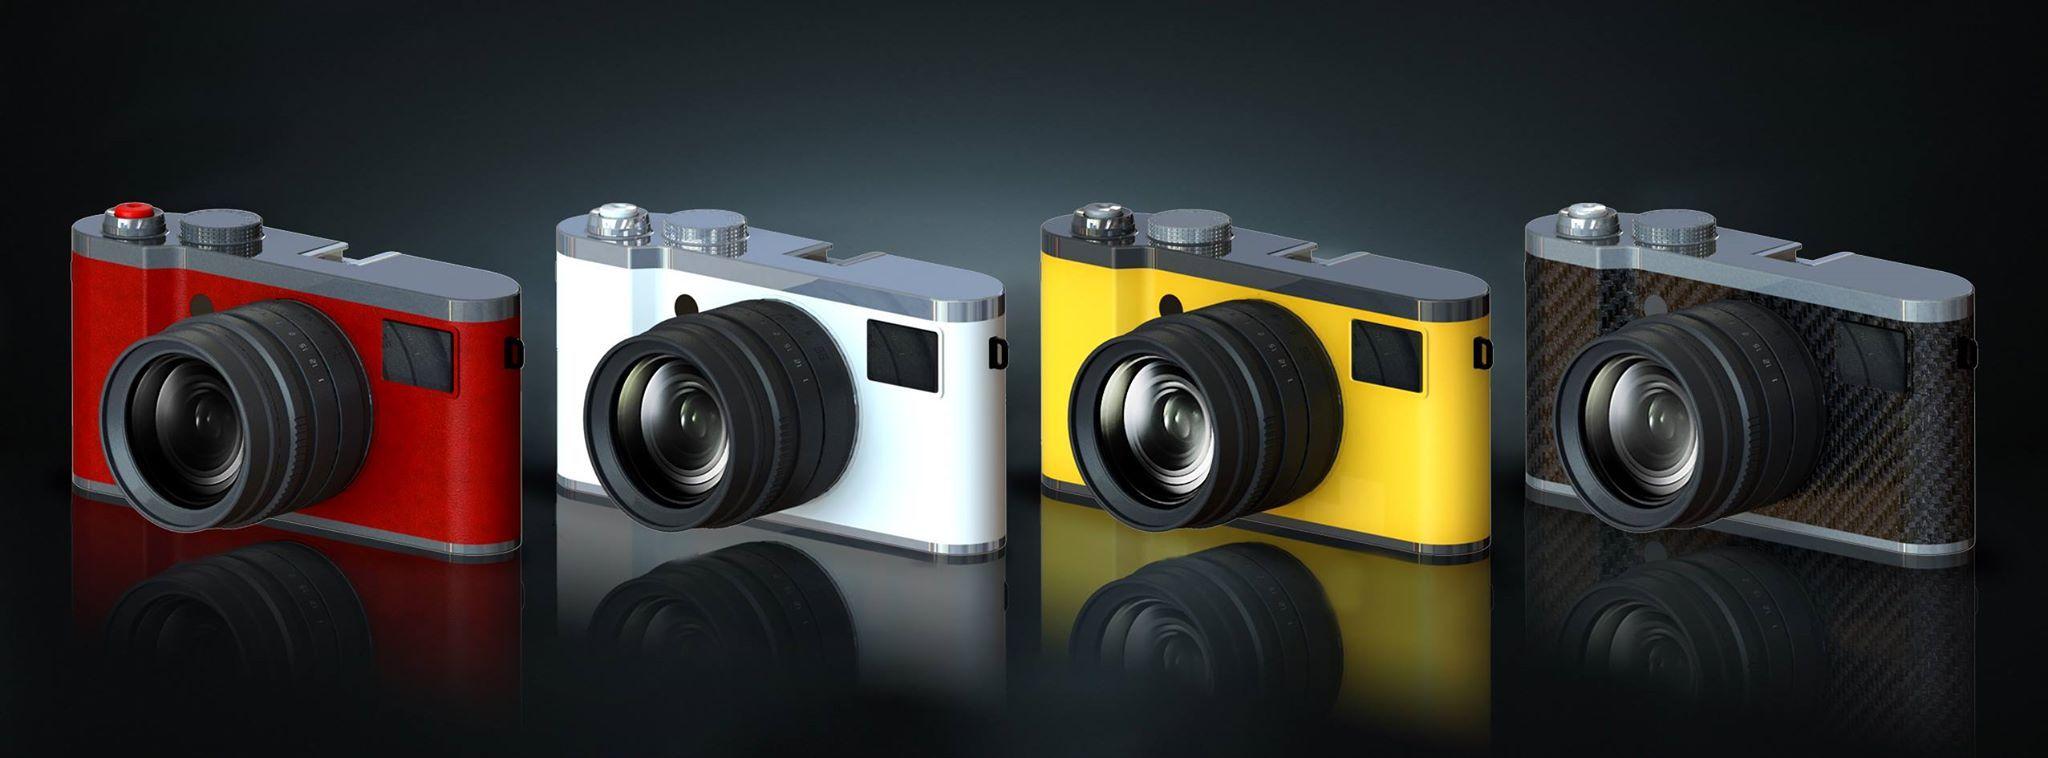 Konost full frame digital rangefinder camera project   Products I ...